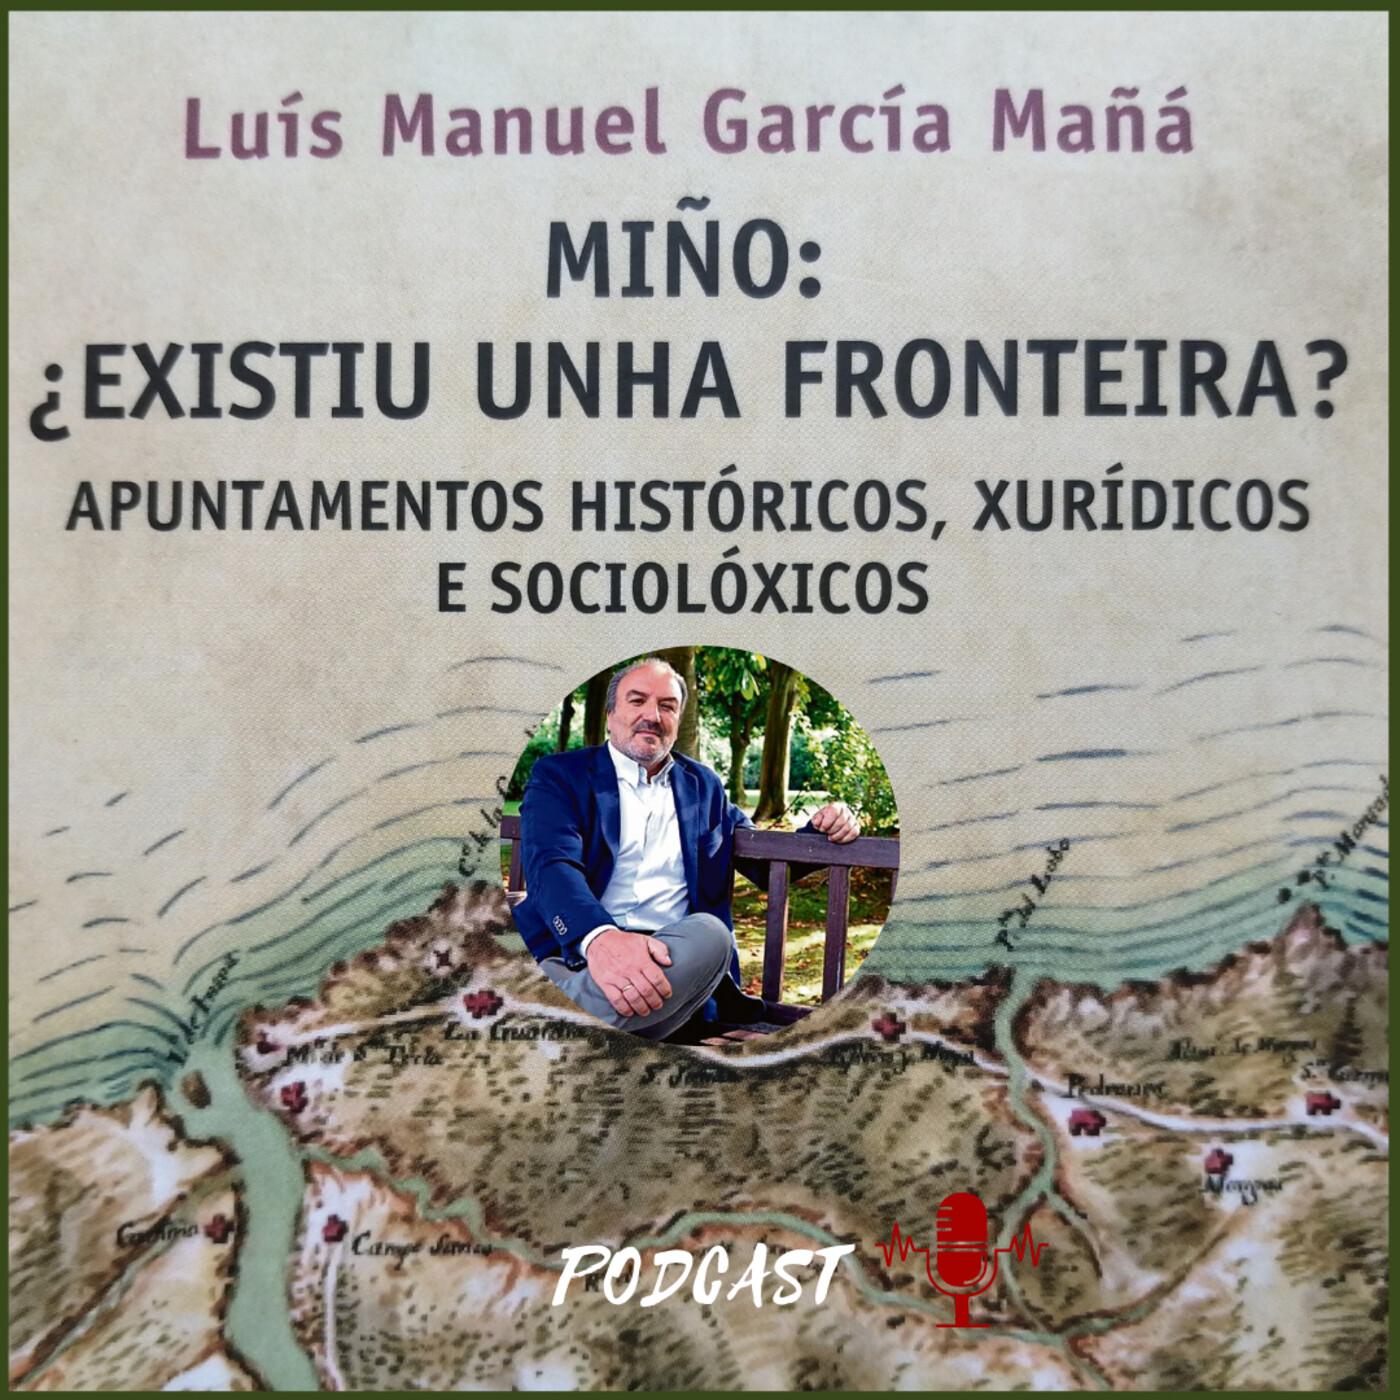 Conversa con García Mañá: Existiu unha fronteira entre Galicia e Portugal?